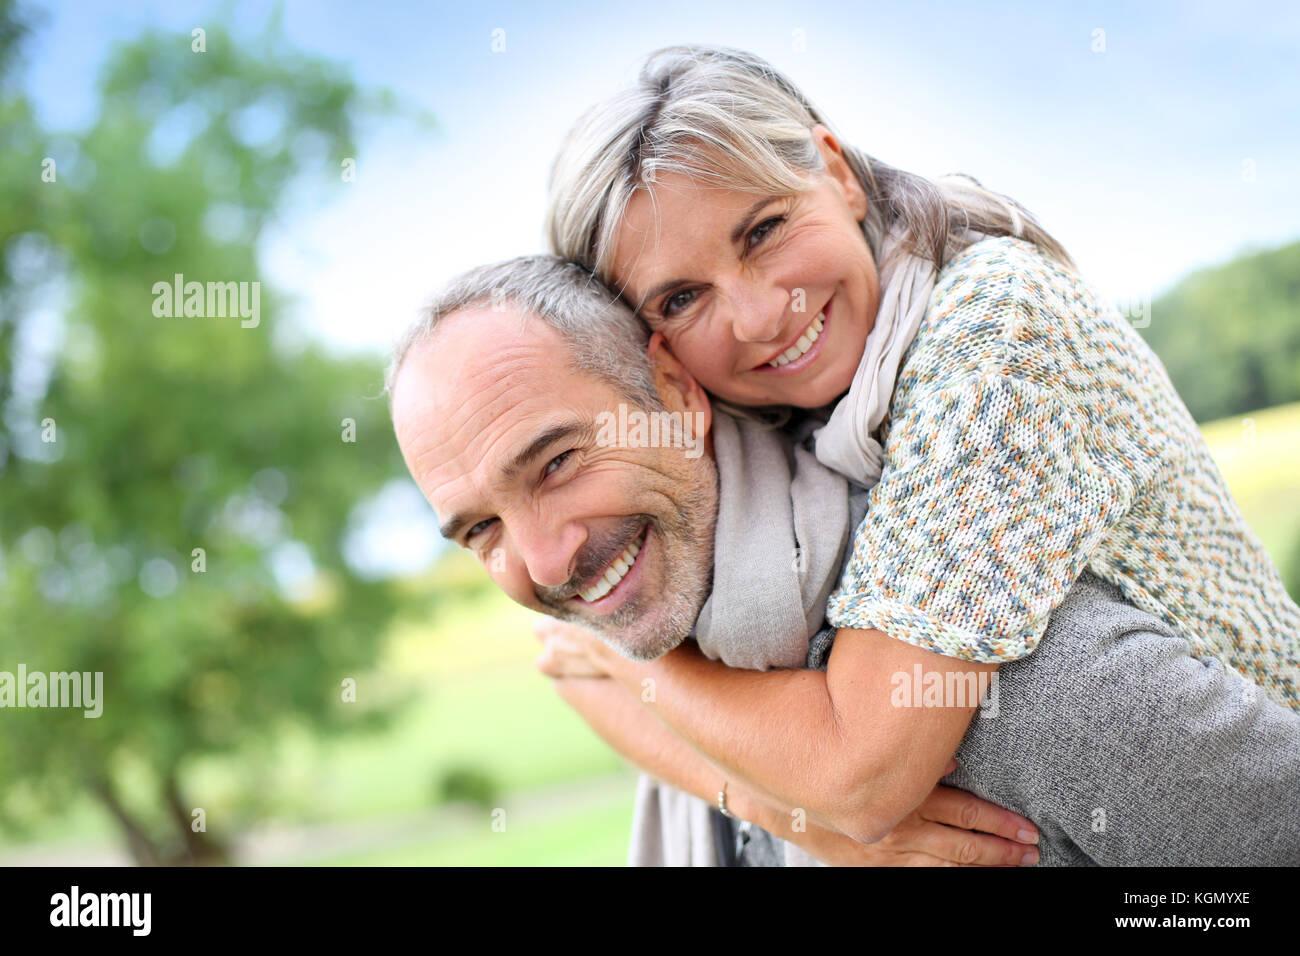 Senior man giving piggyback ride to woman - Stock Image